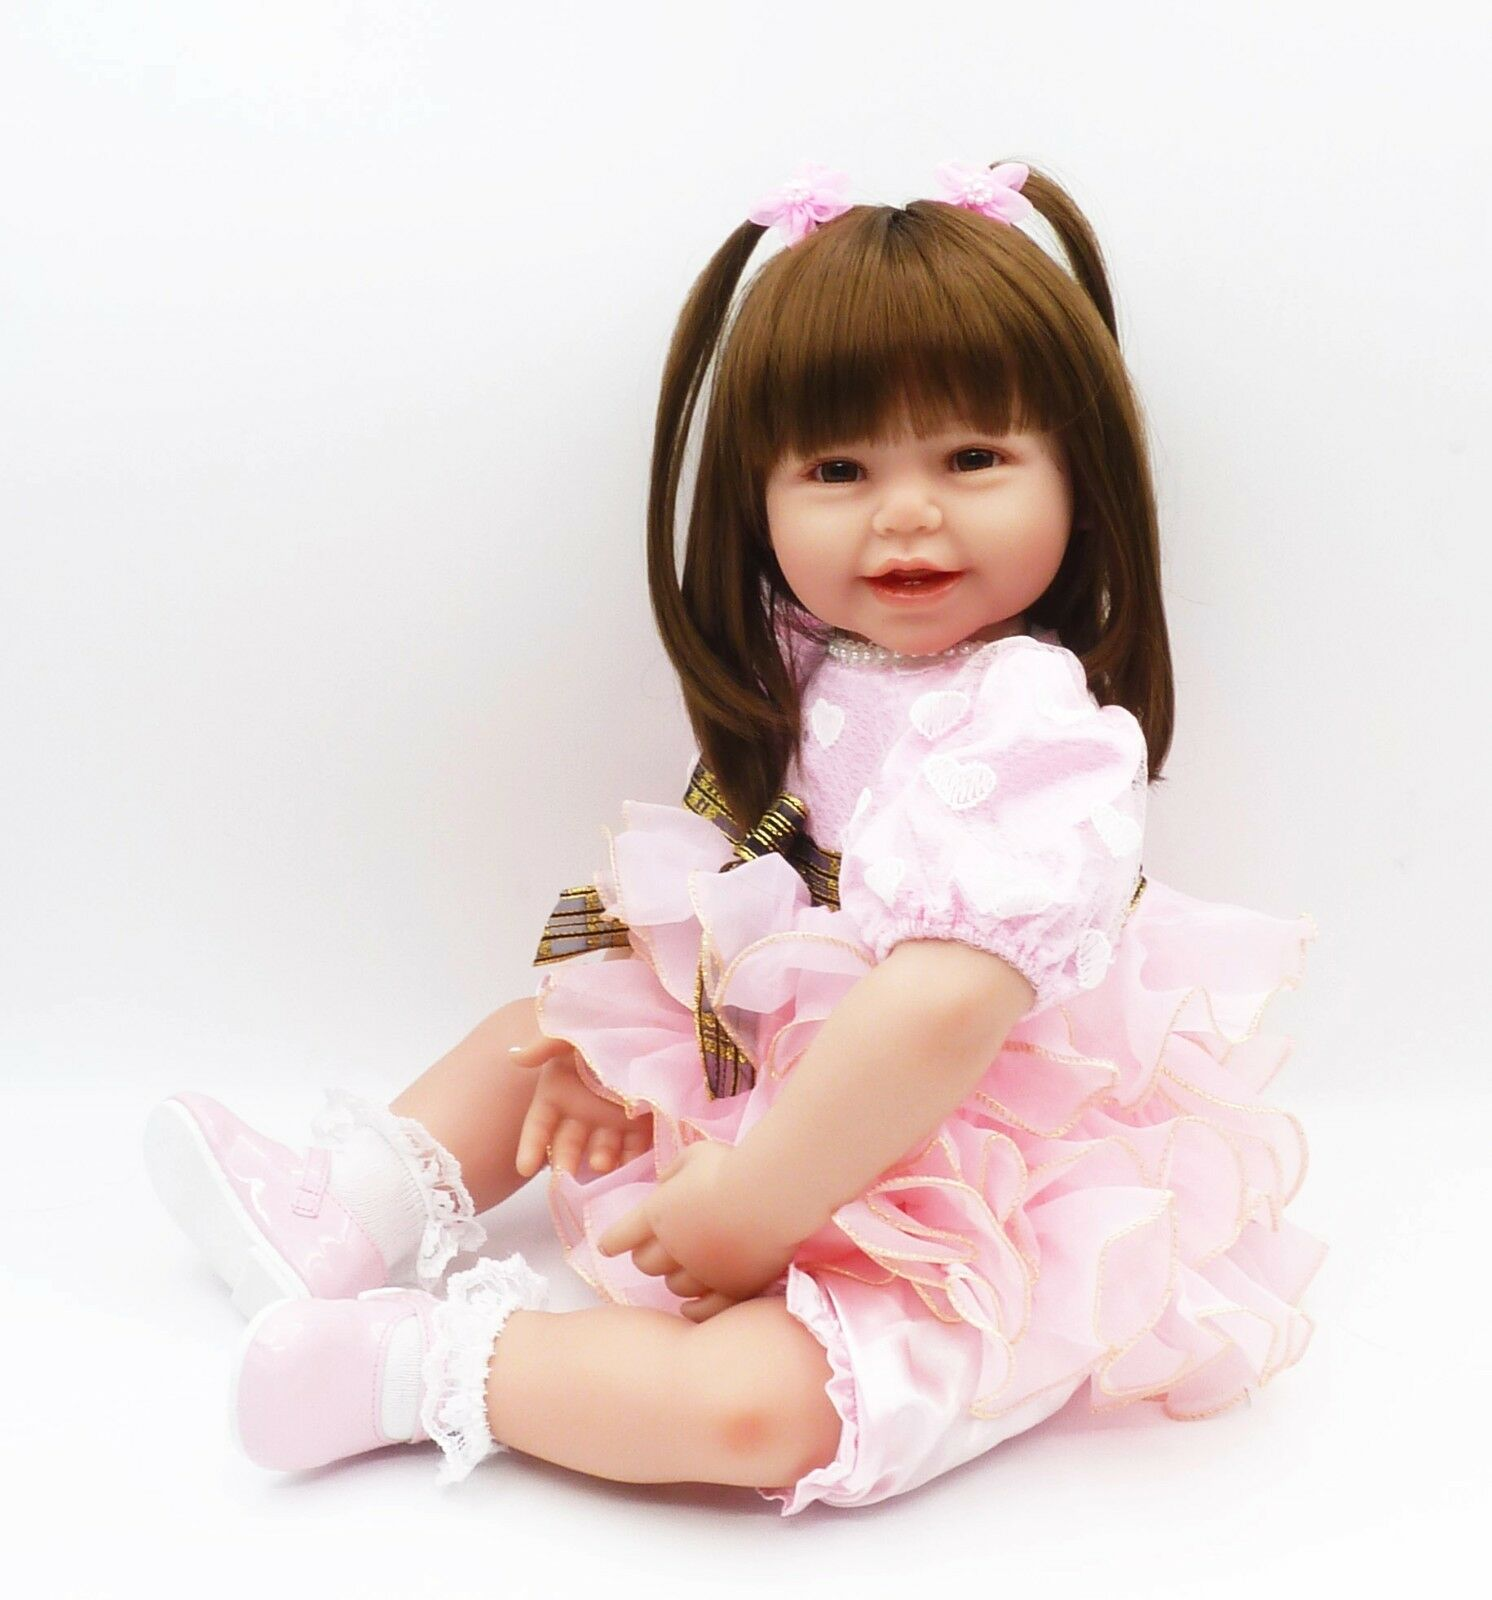 24  Girl Toddler Muñecas Reborn bebé bebé bebé vinilo suave silicona vivos Bebe Juguetes Navidad Regalo  Envíos y devoluciones gratis.